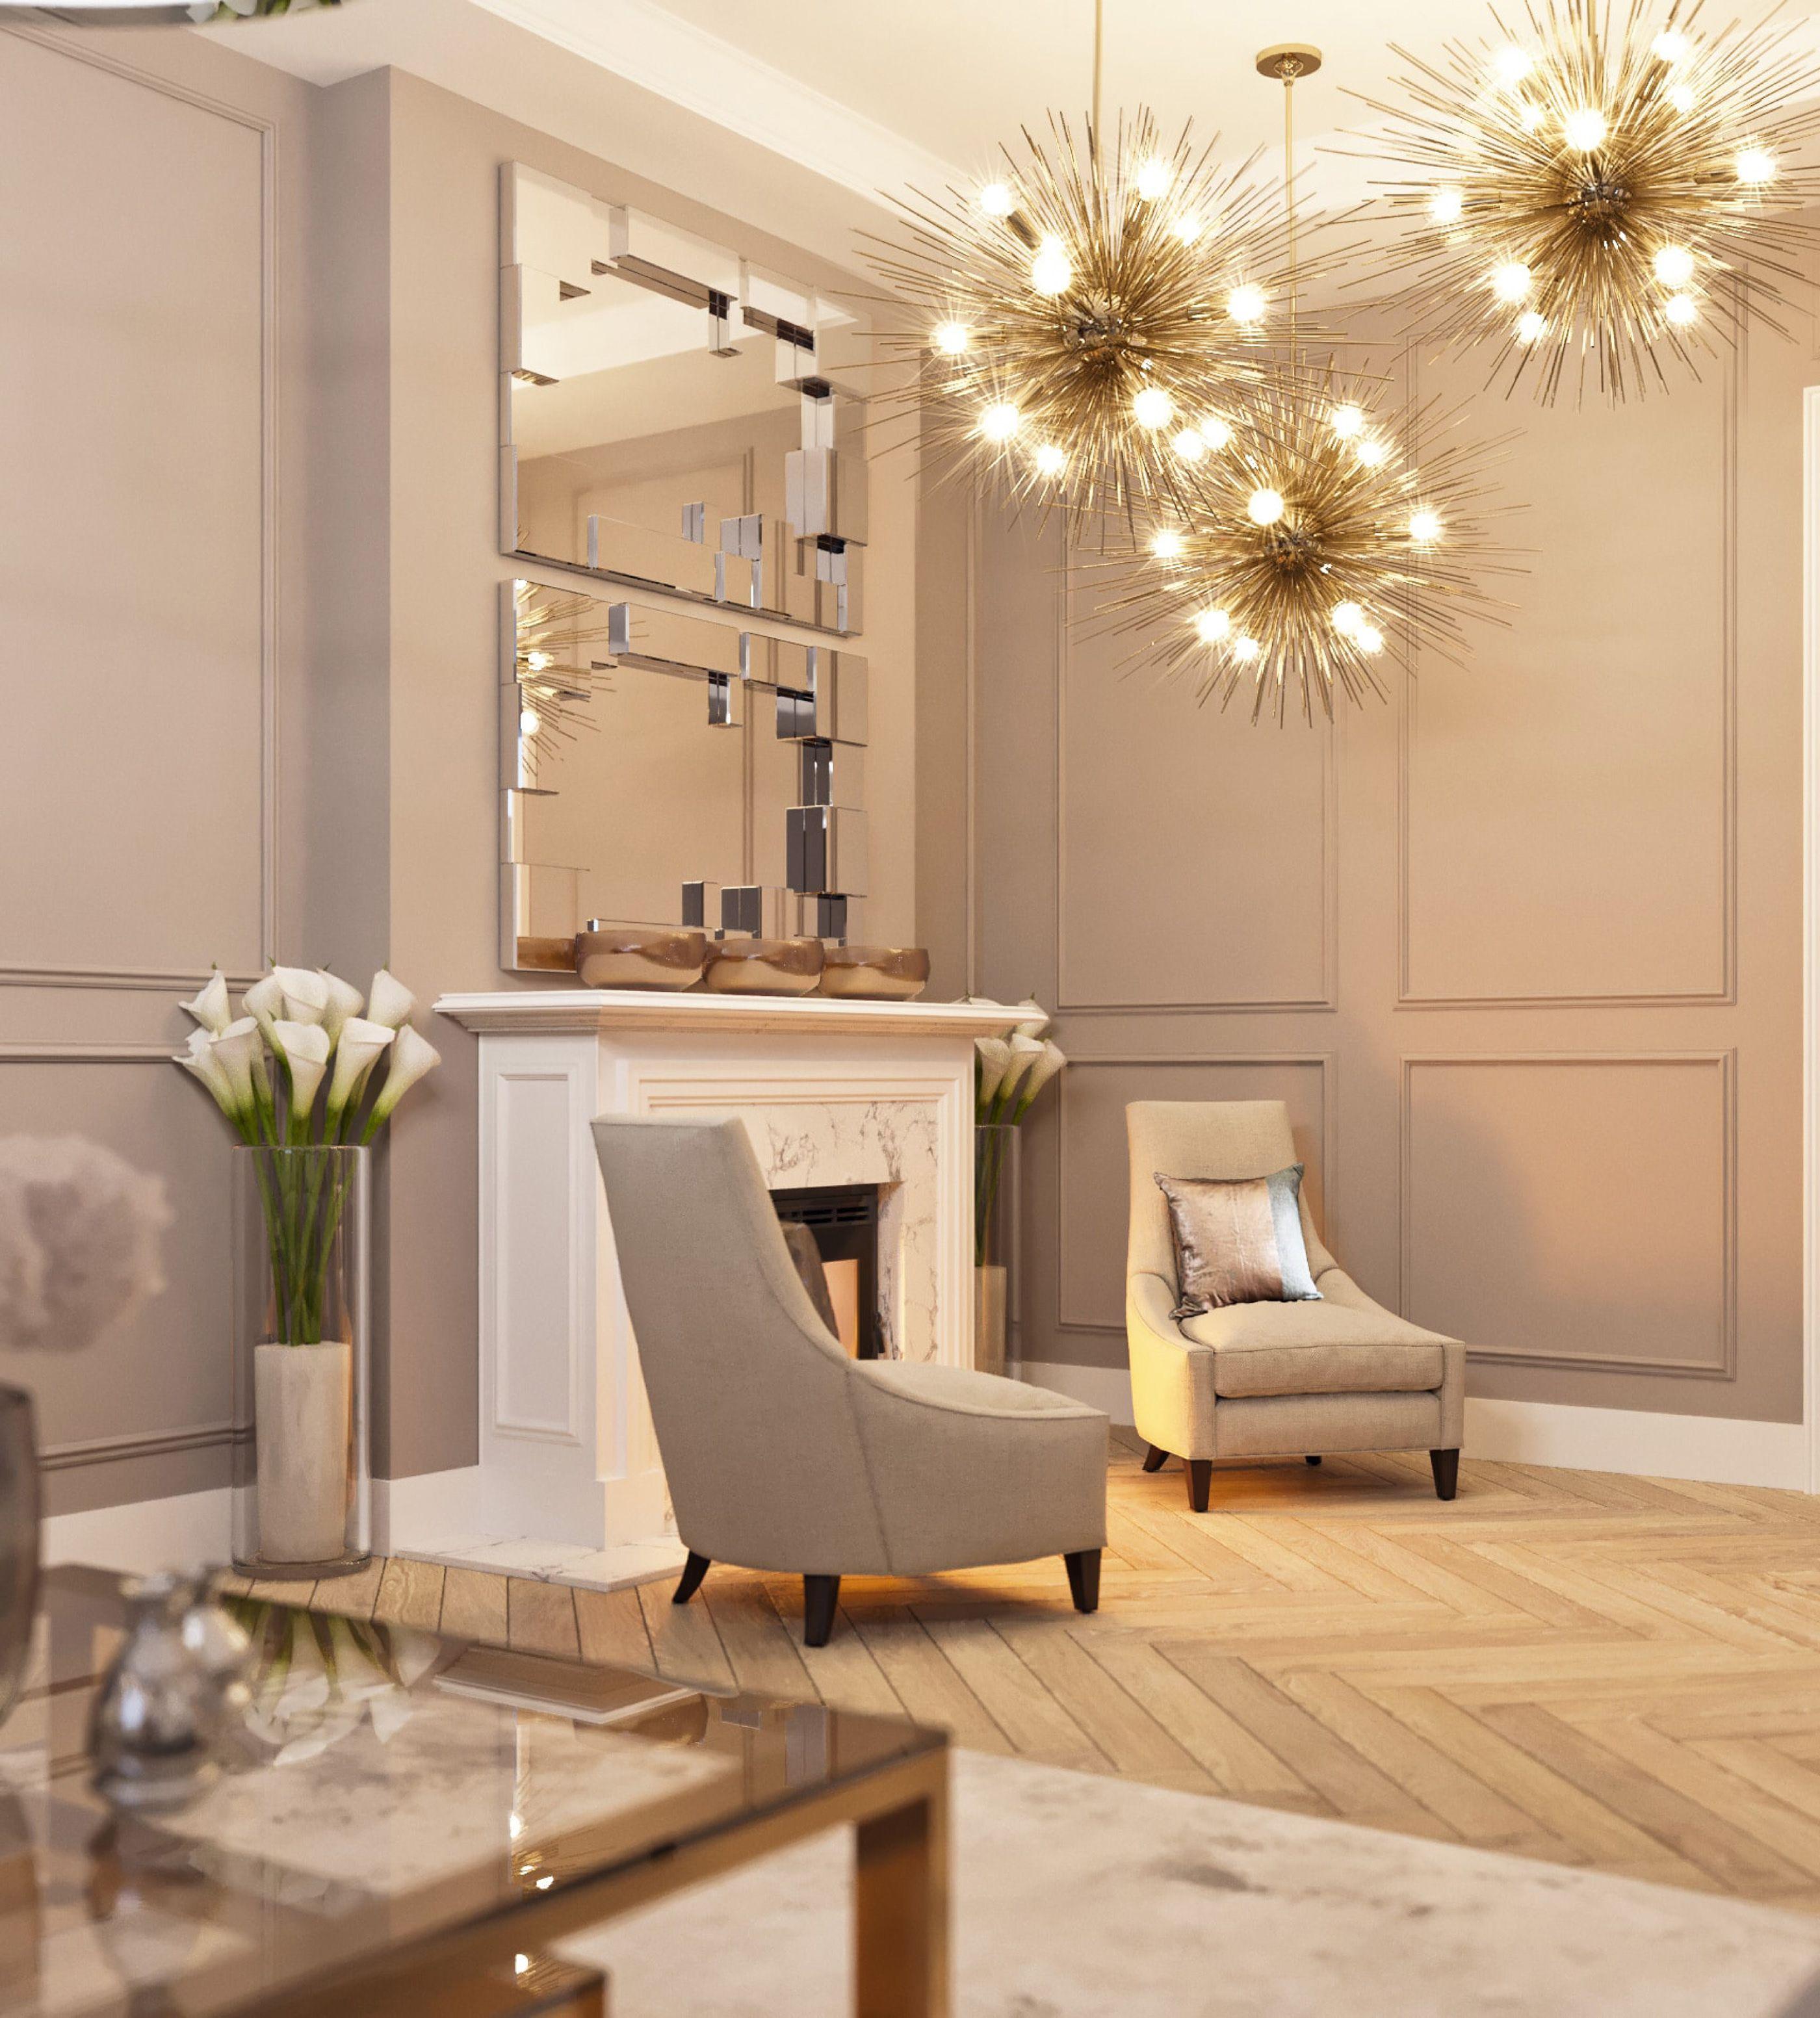 Duplex interior on Behance   Luxury interior design ...